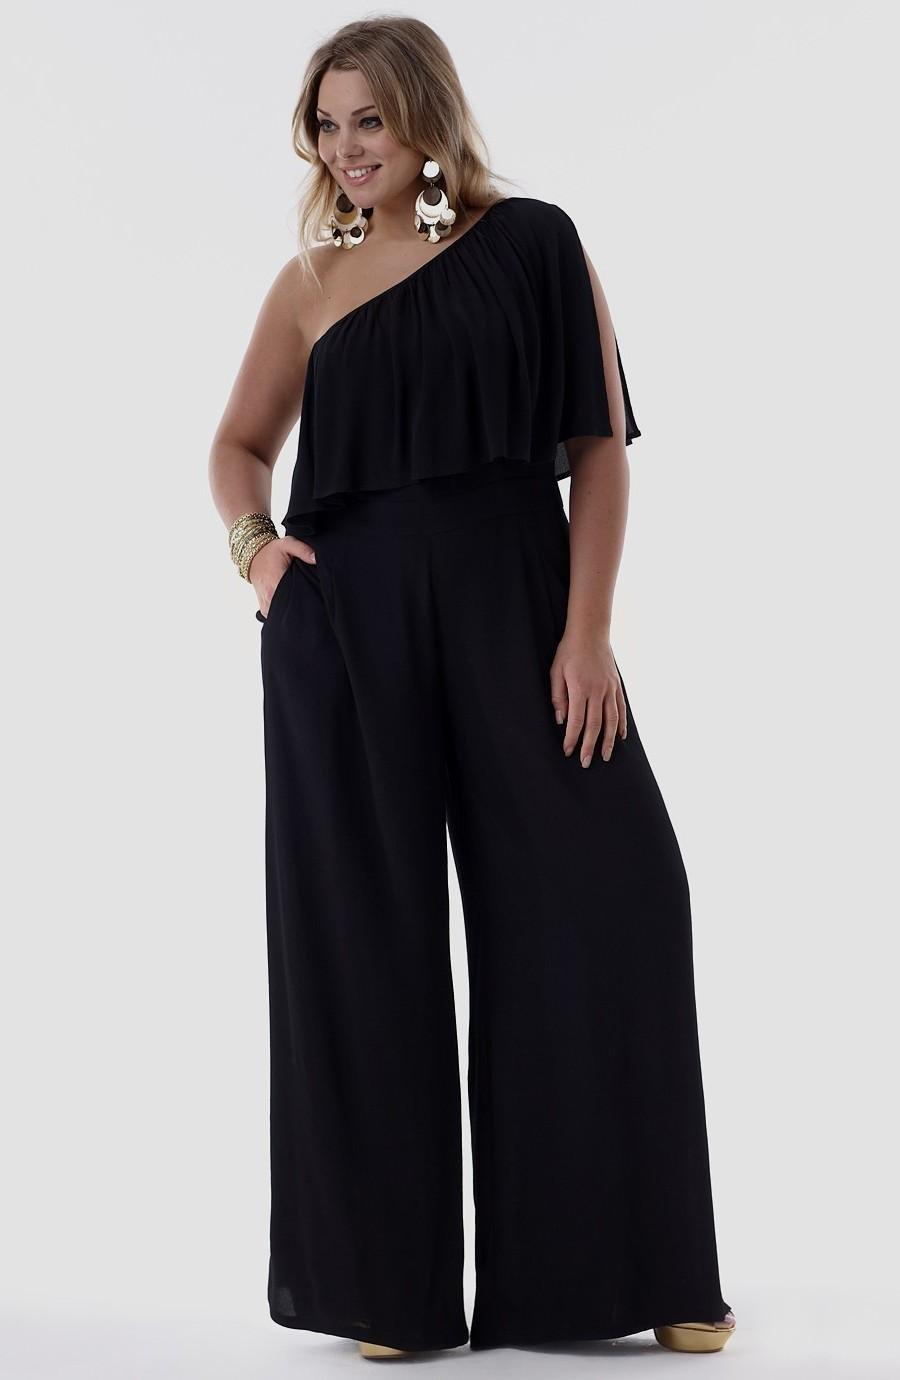 c5fd7d73f983 Платье из шифона для женщины 50 лет, особенности и трендовые модели